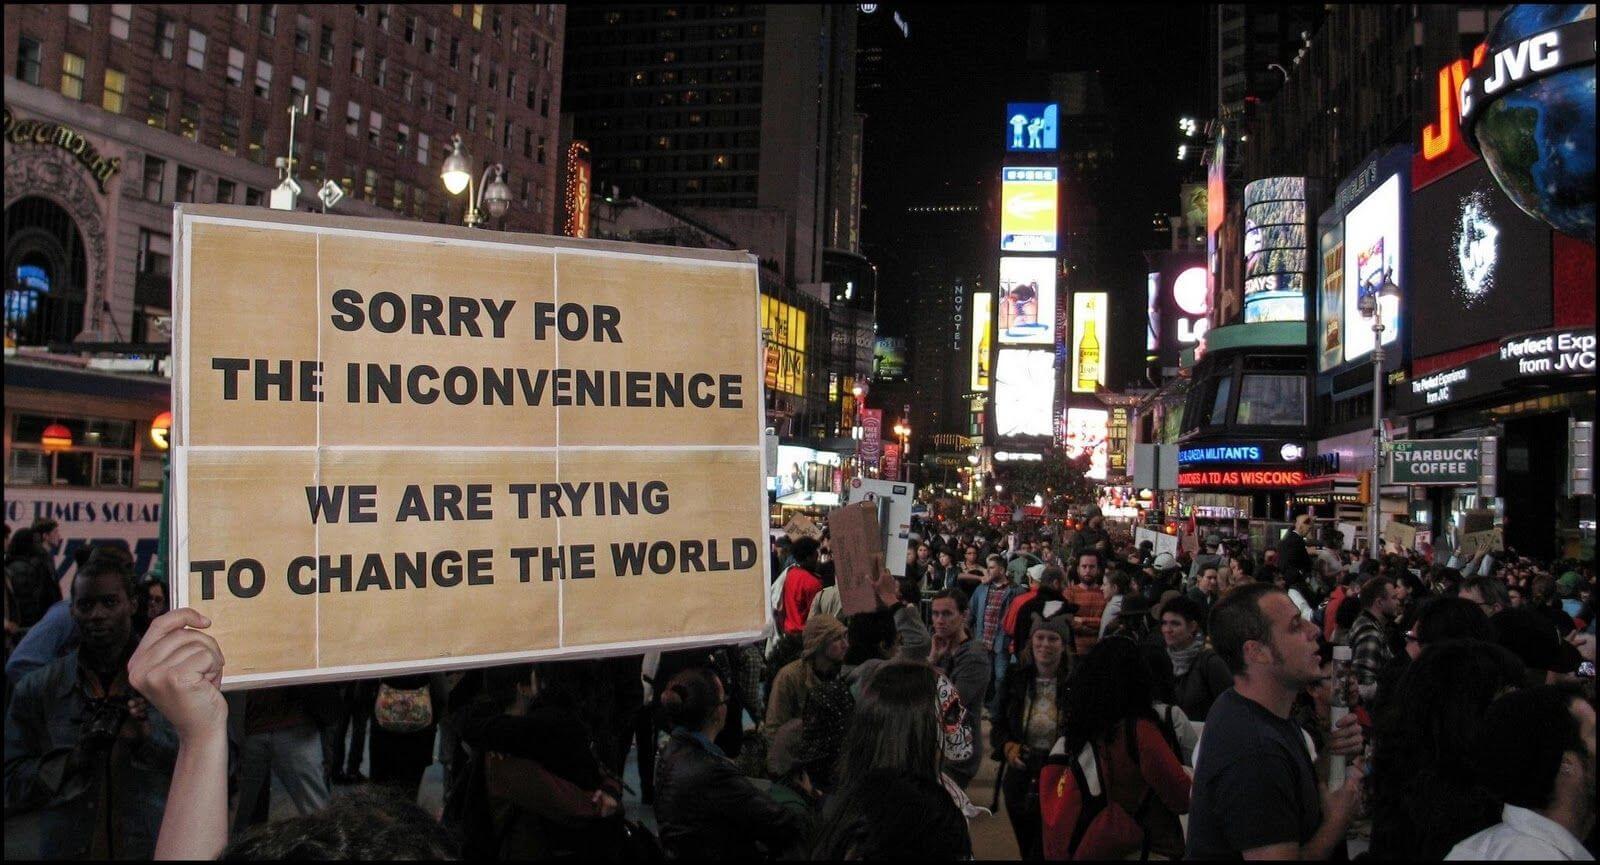 Changer le monde